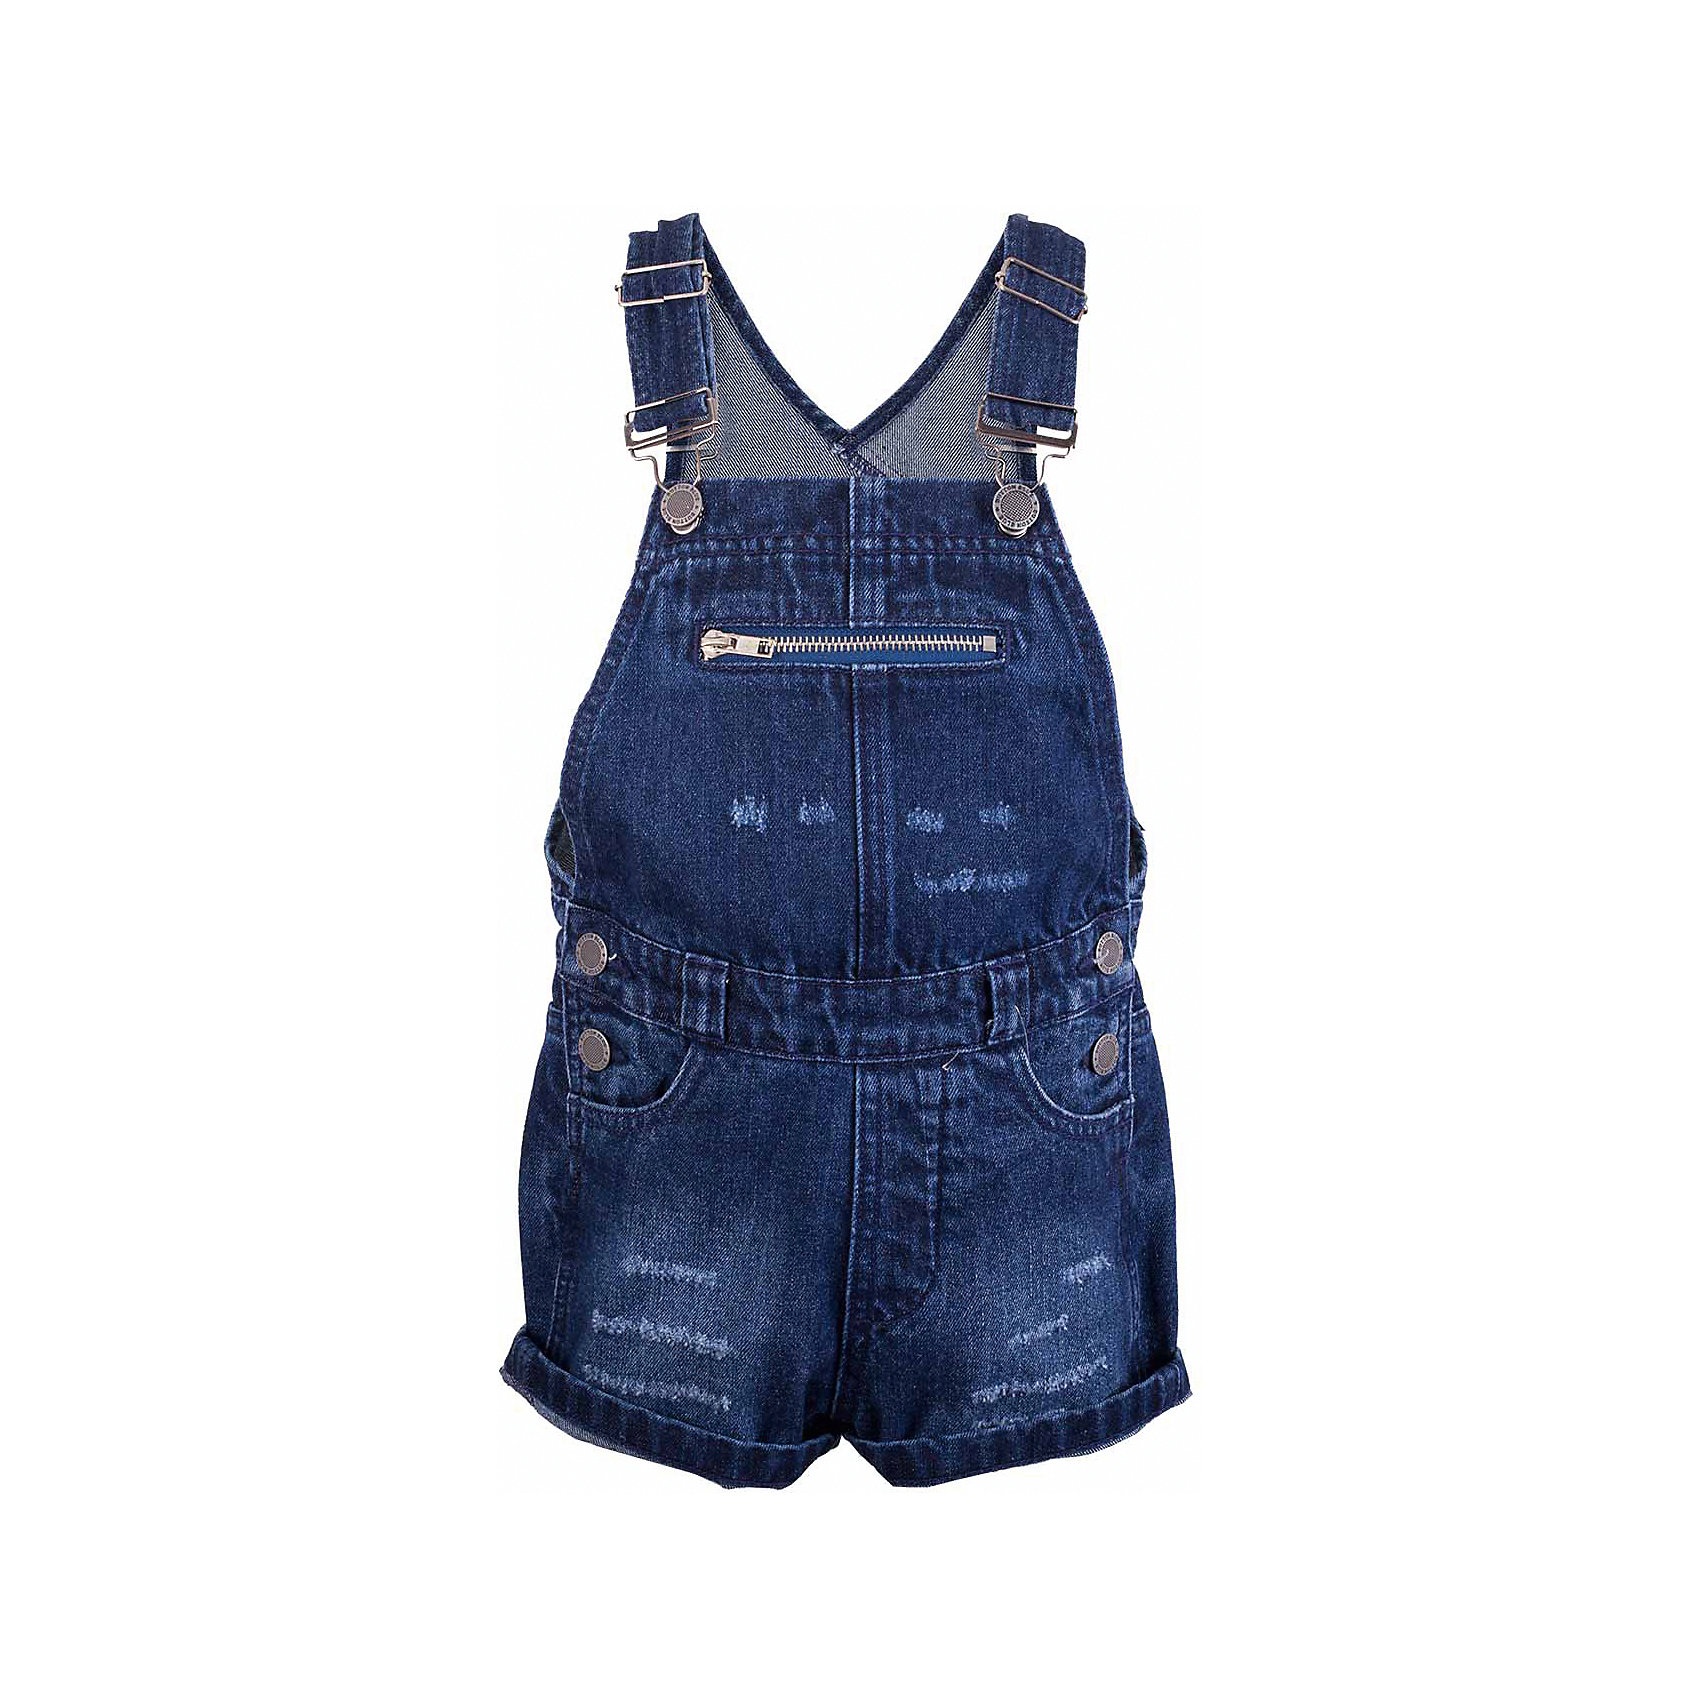 Полукомбинезон джинсовый  BUTTON BLUEКомбинезоны<br>Полукомбинезон джинсовый  BUTTON BLUE<br>Детский джинсовый полукомбинезон - не только очень удобная модель летнего гардероба, но и трендовая вещь сезона Весна/Лето 2017! В компании с любой майкой, футболкой, поло полукомбинезон составит достойный летний комплект. Если вы хотите купить недорого джинсовый полукомбинезон с модными потертостями, заминами, варкой, не сомневаясь в его качестве, высоких потребительских свойствах и соответствии модным трендам, полукомбинезон от Button Blue - лучший вариант!<br>Состав:<br>100%  хлопок<br><br>Ширина мм: 215<br>Глубина мм: 88<br>Высота мм: 191<br>Вес г: 336<br>Цвет: синий<br>Возраст от месяцев: 144<br>Возраст до месяцев: 156<br>Пол: Унисекс<br>Возраст: Детский<br>Размер: 158,152,98,104,110,116,122,128,134,140,146<br>SKU: 5523926